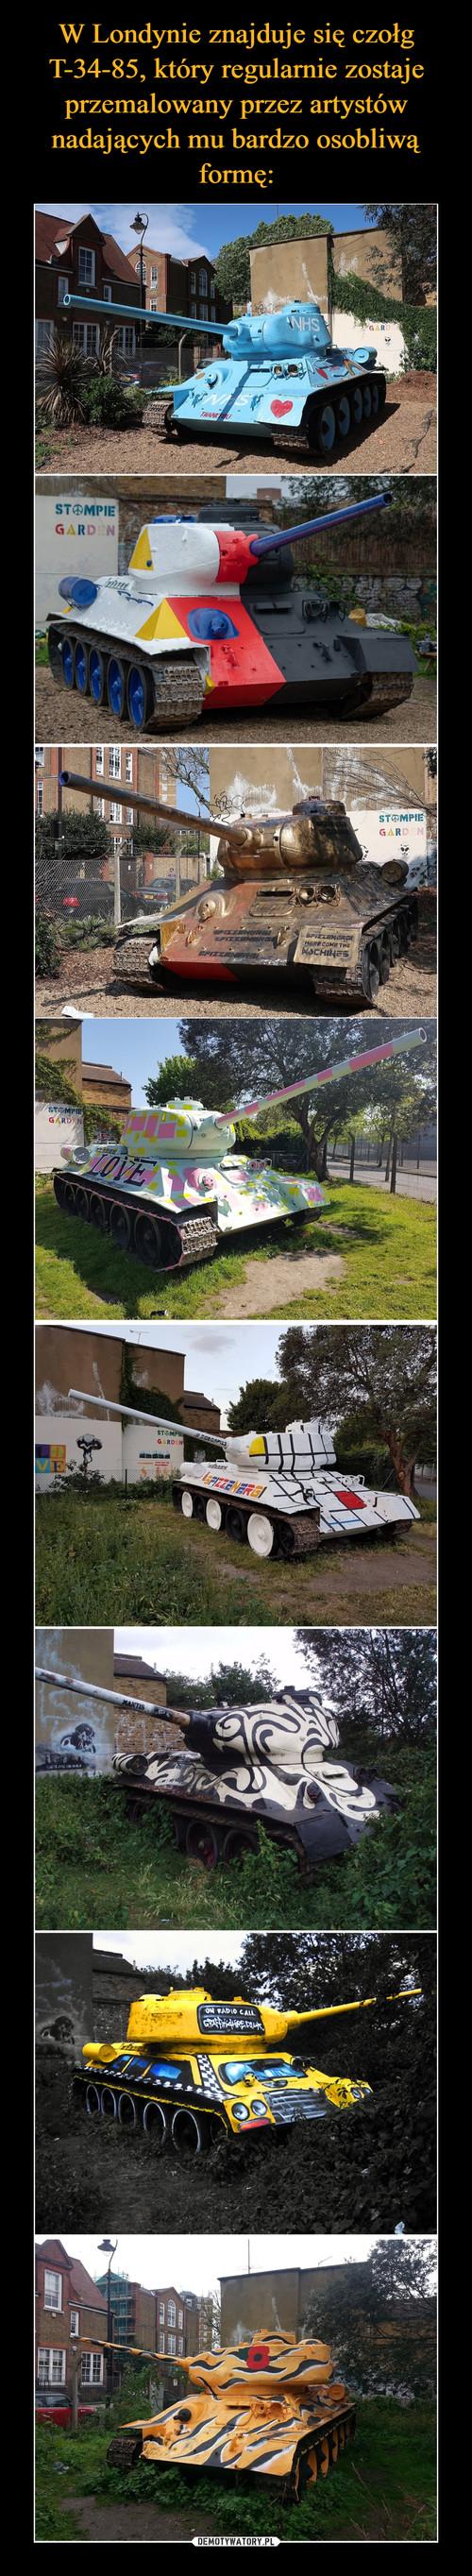 W Londynie znajduje się czołg T-34-85, który regularnie zostaje przemalowany przez artystów nadających mu bardzo osobliwą formę: